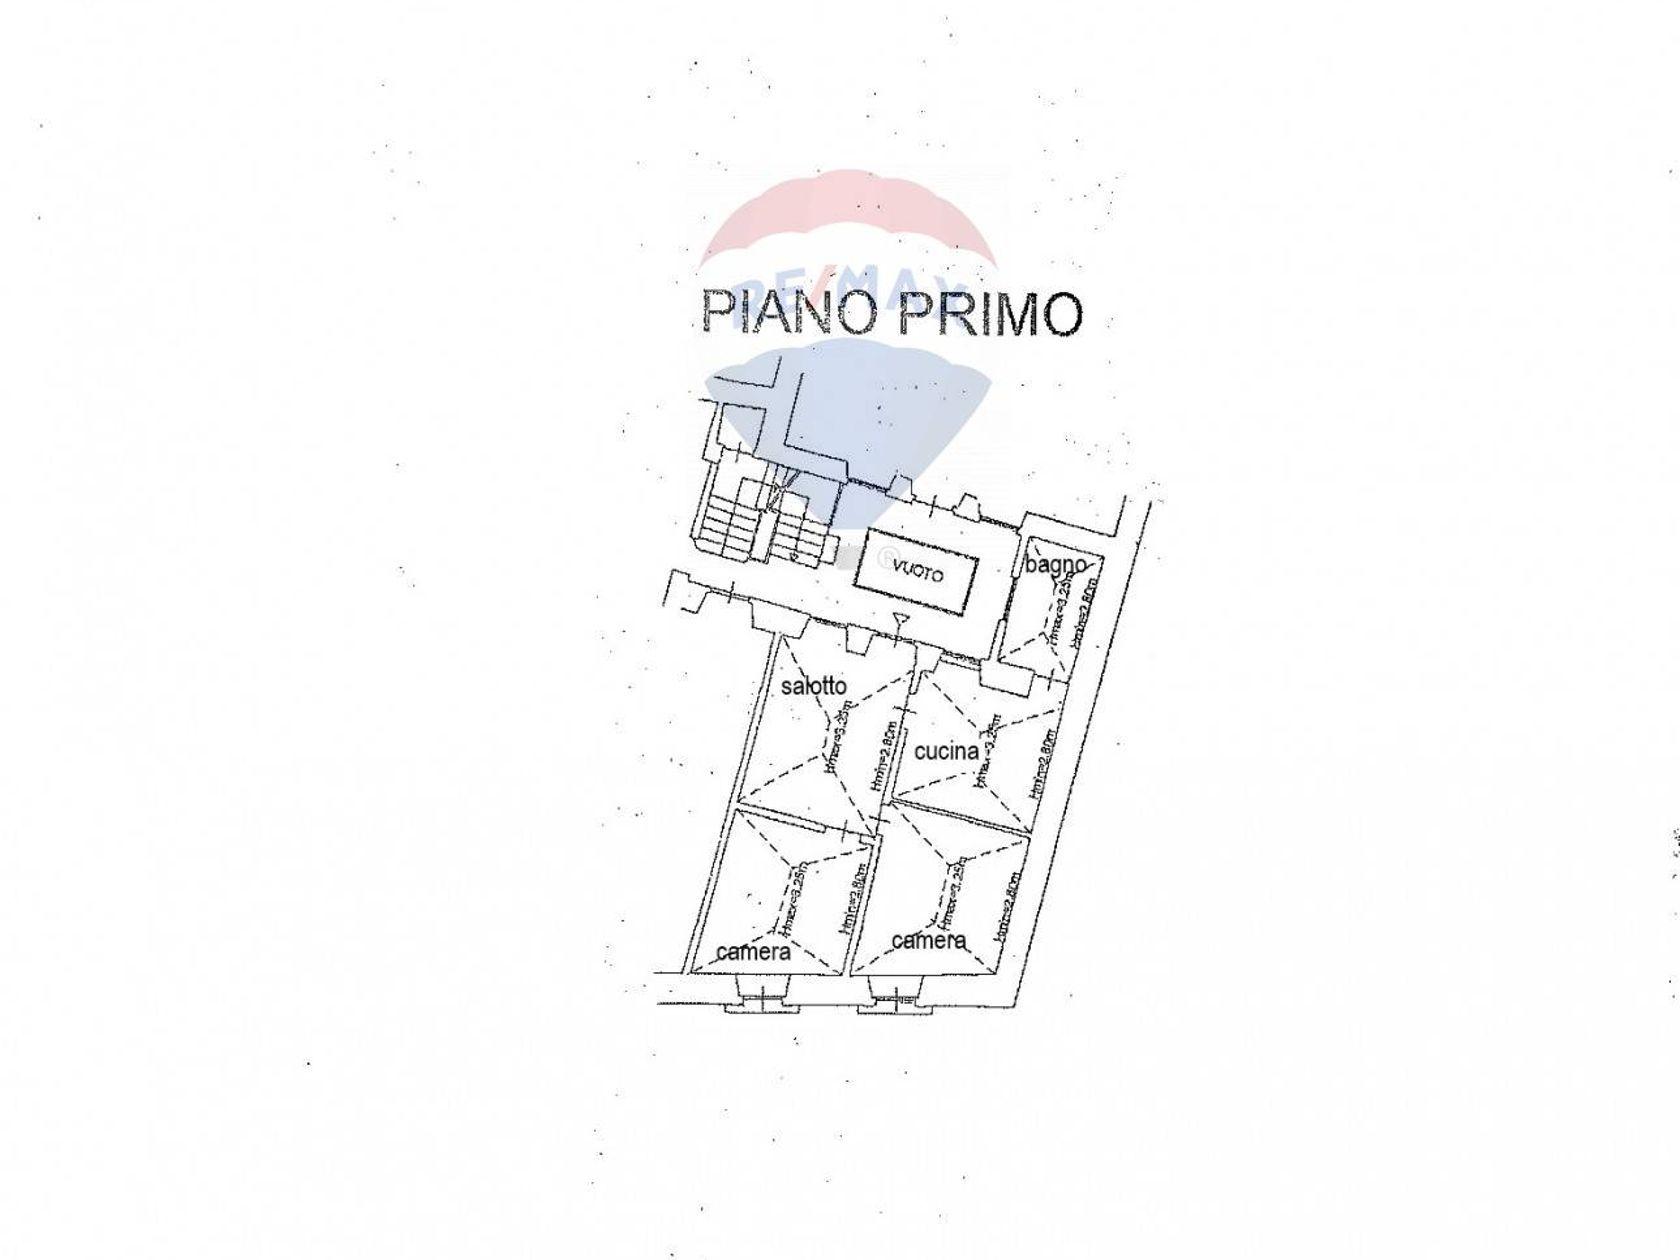 Appartamento Centro storico, L'Aquila, AQ Vendita - Planimetria 1